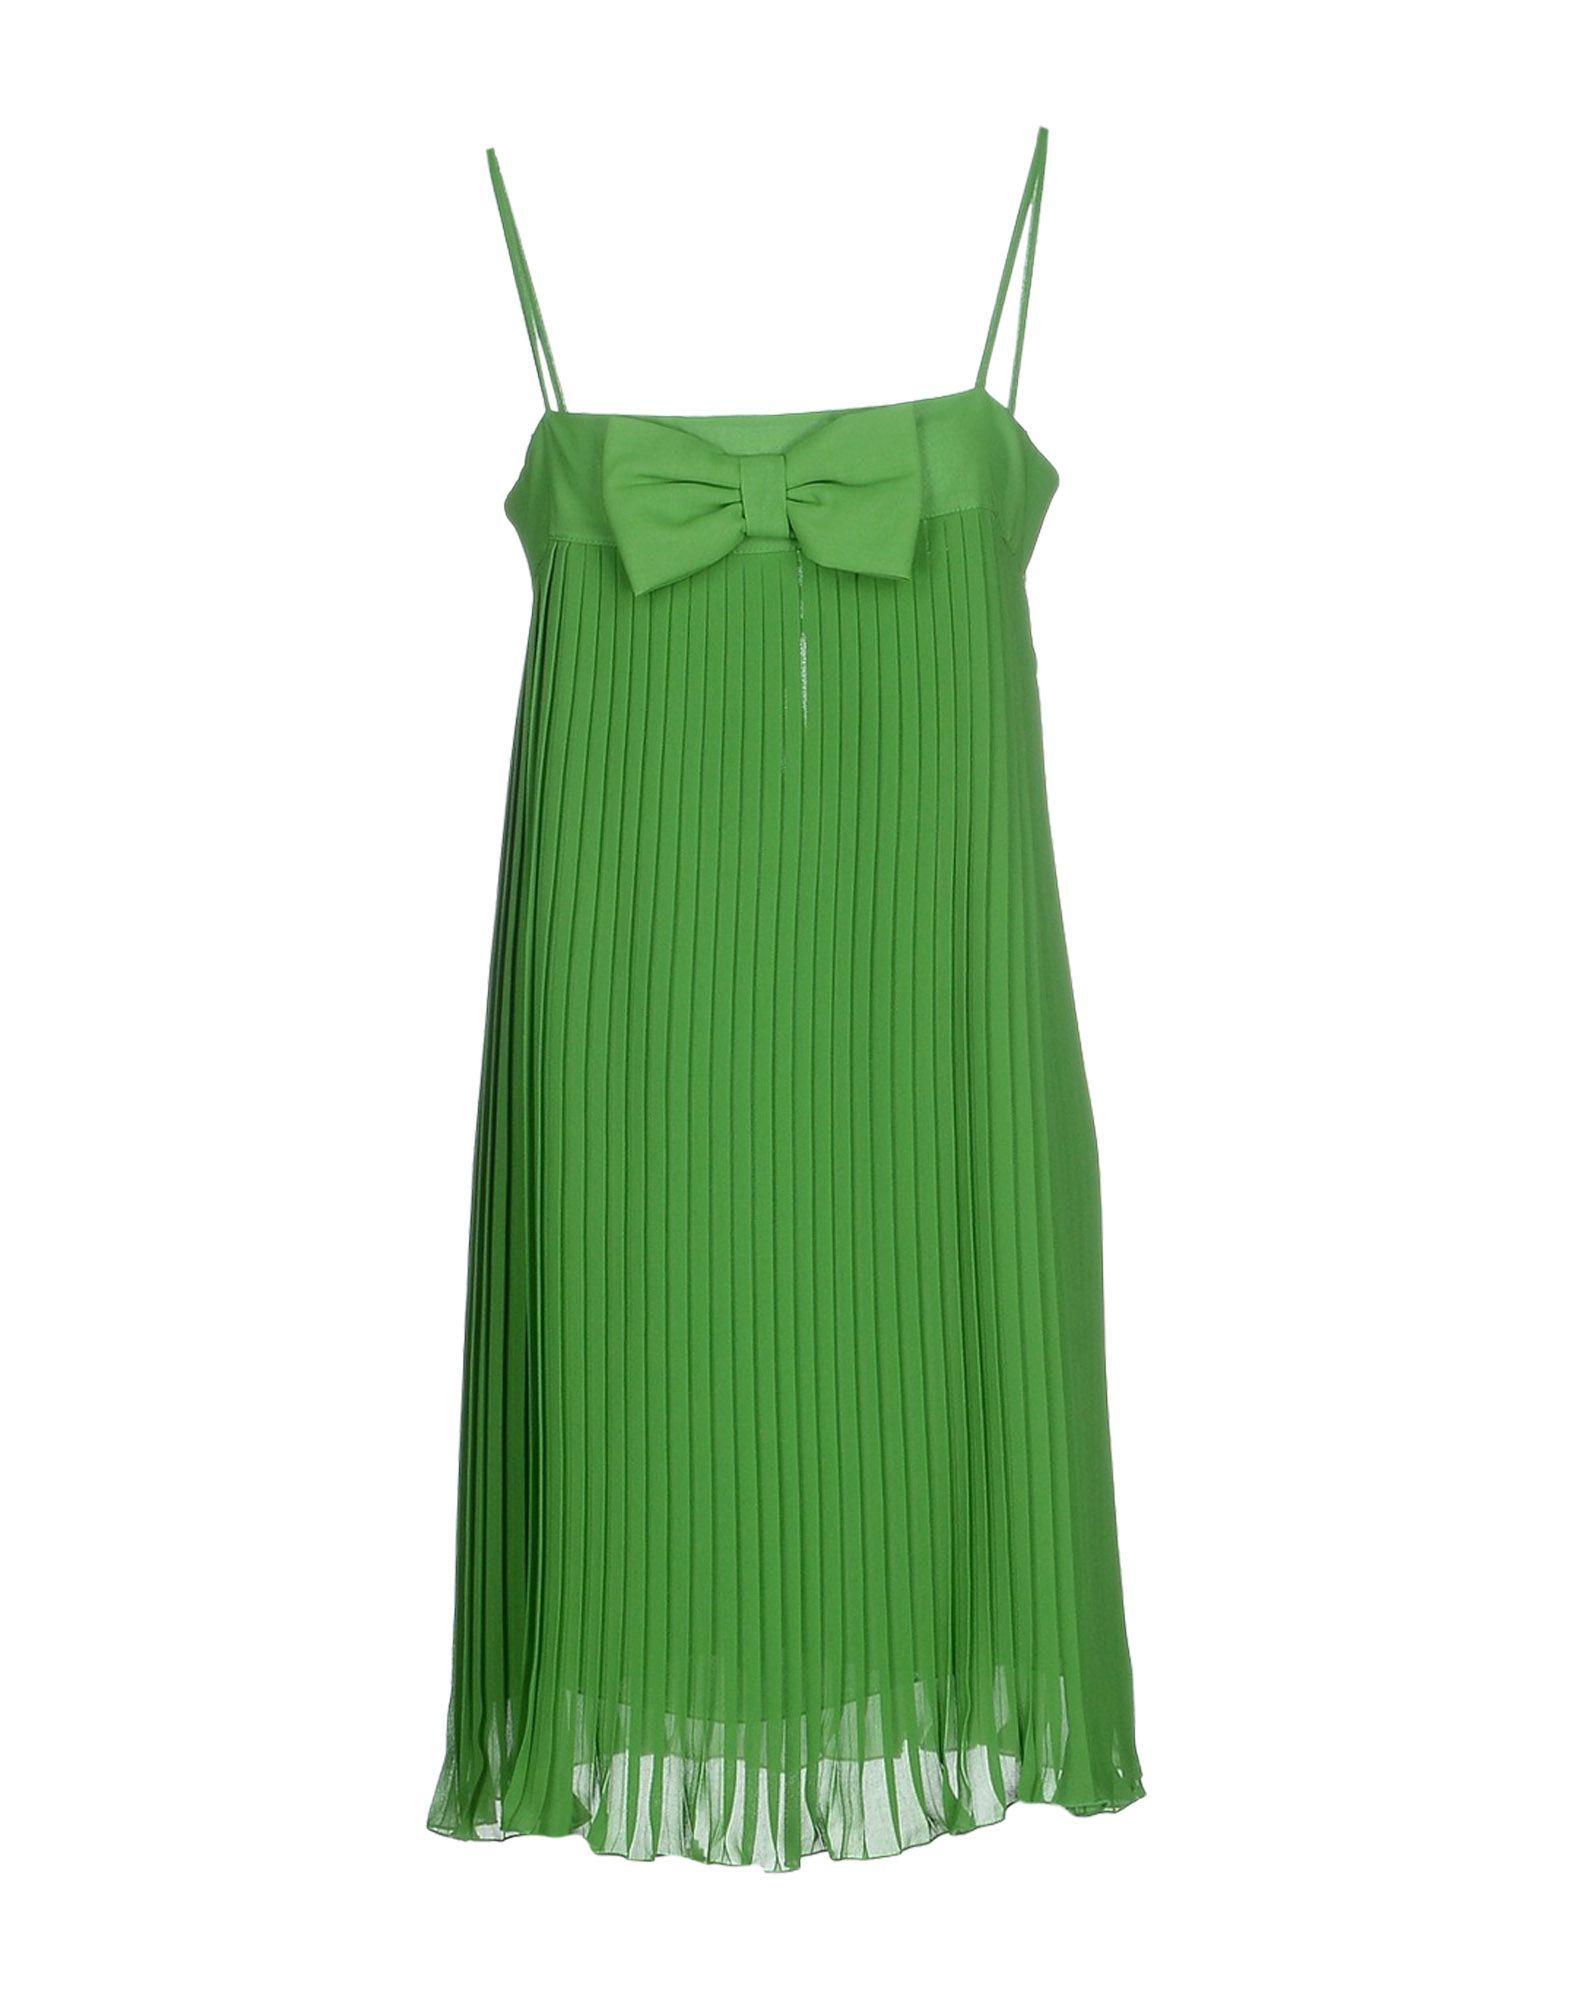 71d7a28e5c48 Twin Set   Green Short Dress   Lyst Women's Green Shorts, Short Green Dress,